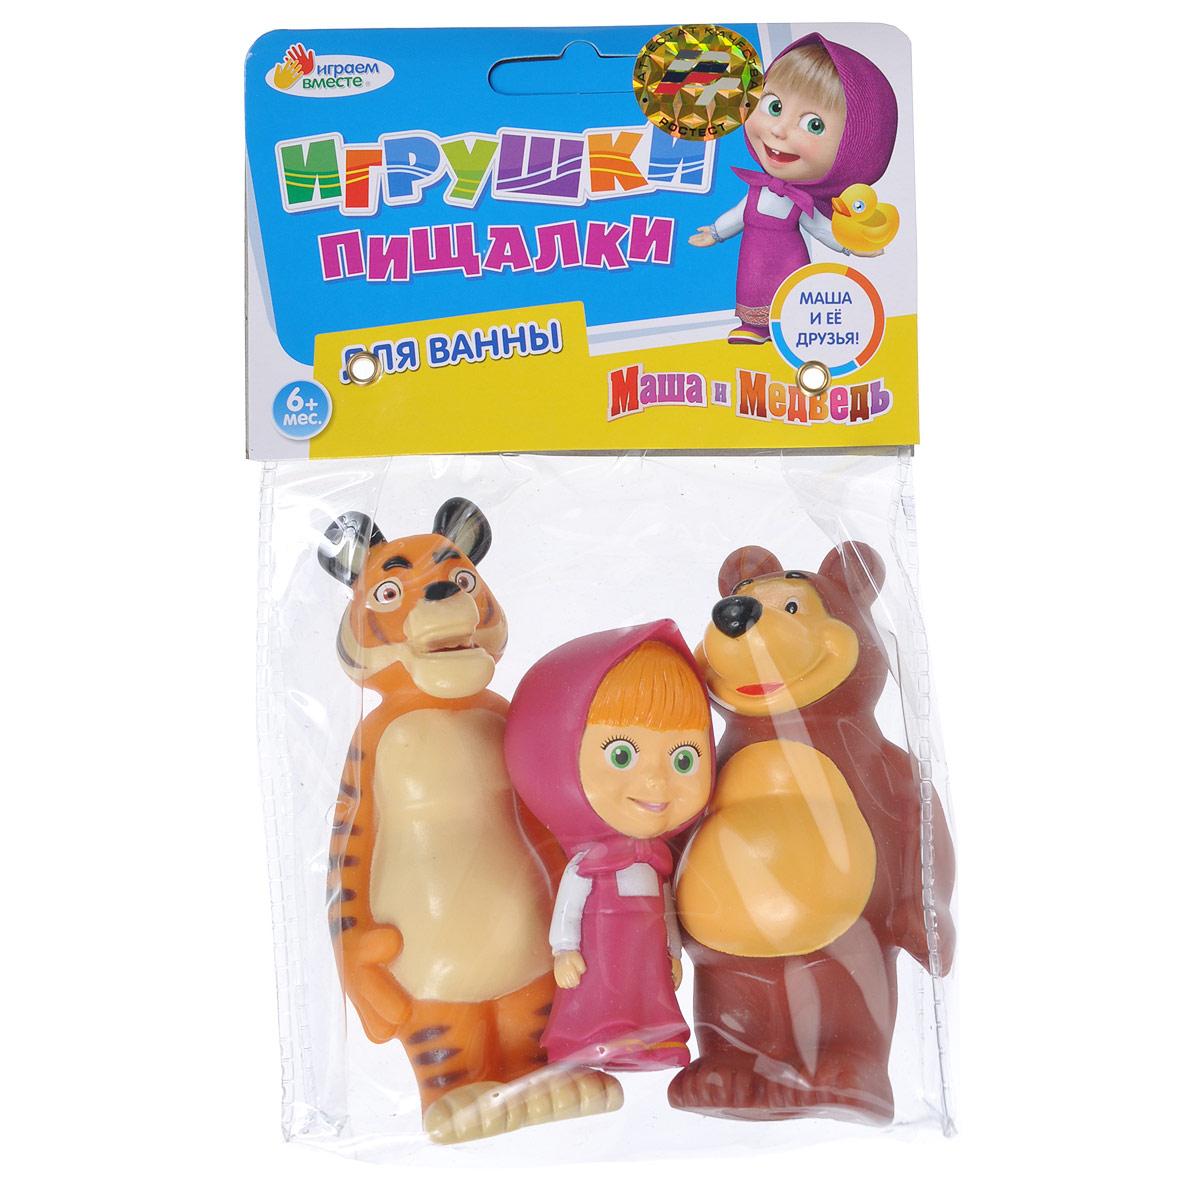 Набор игрушек для ванны Играем вместе Маша, Медведь и Тигр, 3 шт168RUS-PVCНабор игрушек для ванны Играем вместе Маша, Медведь и Тигр непременно понравится вашему ребенку и превратит купание в веселую игру! Яркие игрушки выполнены из безопасного ПВХ в виде Маши, Мишки и Тигра - персонажей мультсериала Маша и Медведь. Если сжать игрушки, раздастся веселый писк. Оригинальный стиль и великолепное качество исполнения делают этот набор чудесным подарком к любому празднику, а жизнерадостные образы представят такой подарок в самом лучшем свете. Рекомендуемый возраст: от 6 месяцев.